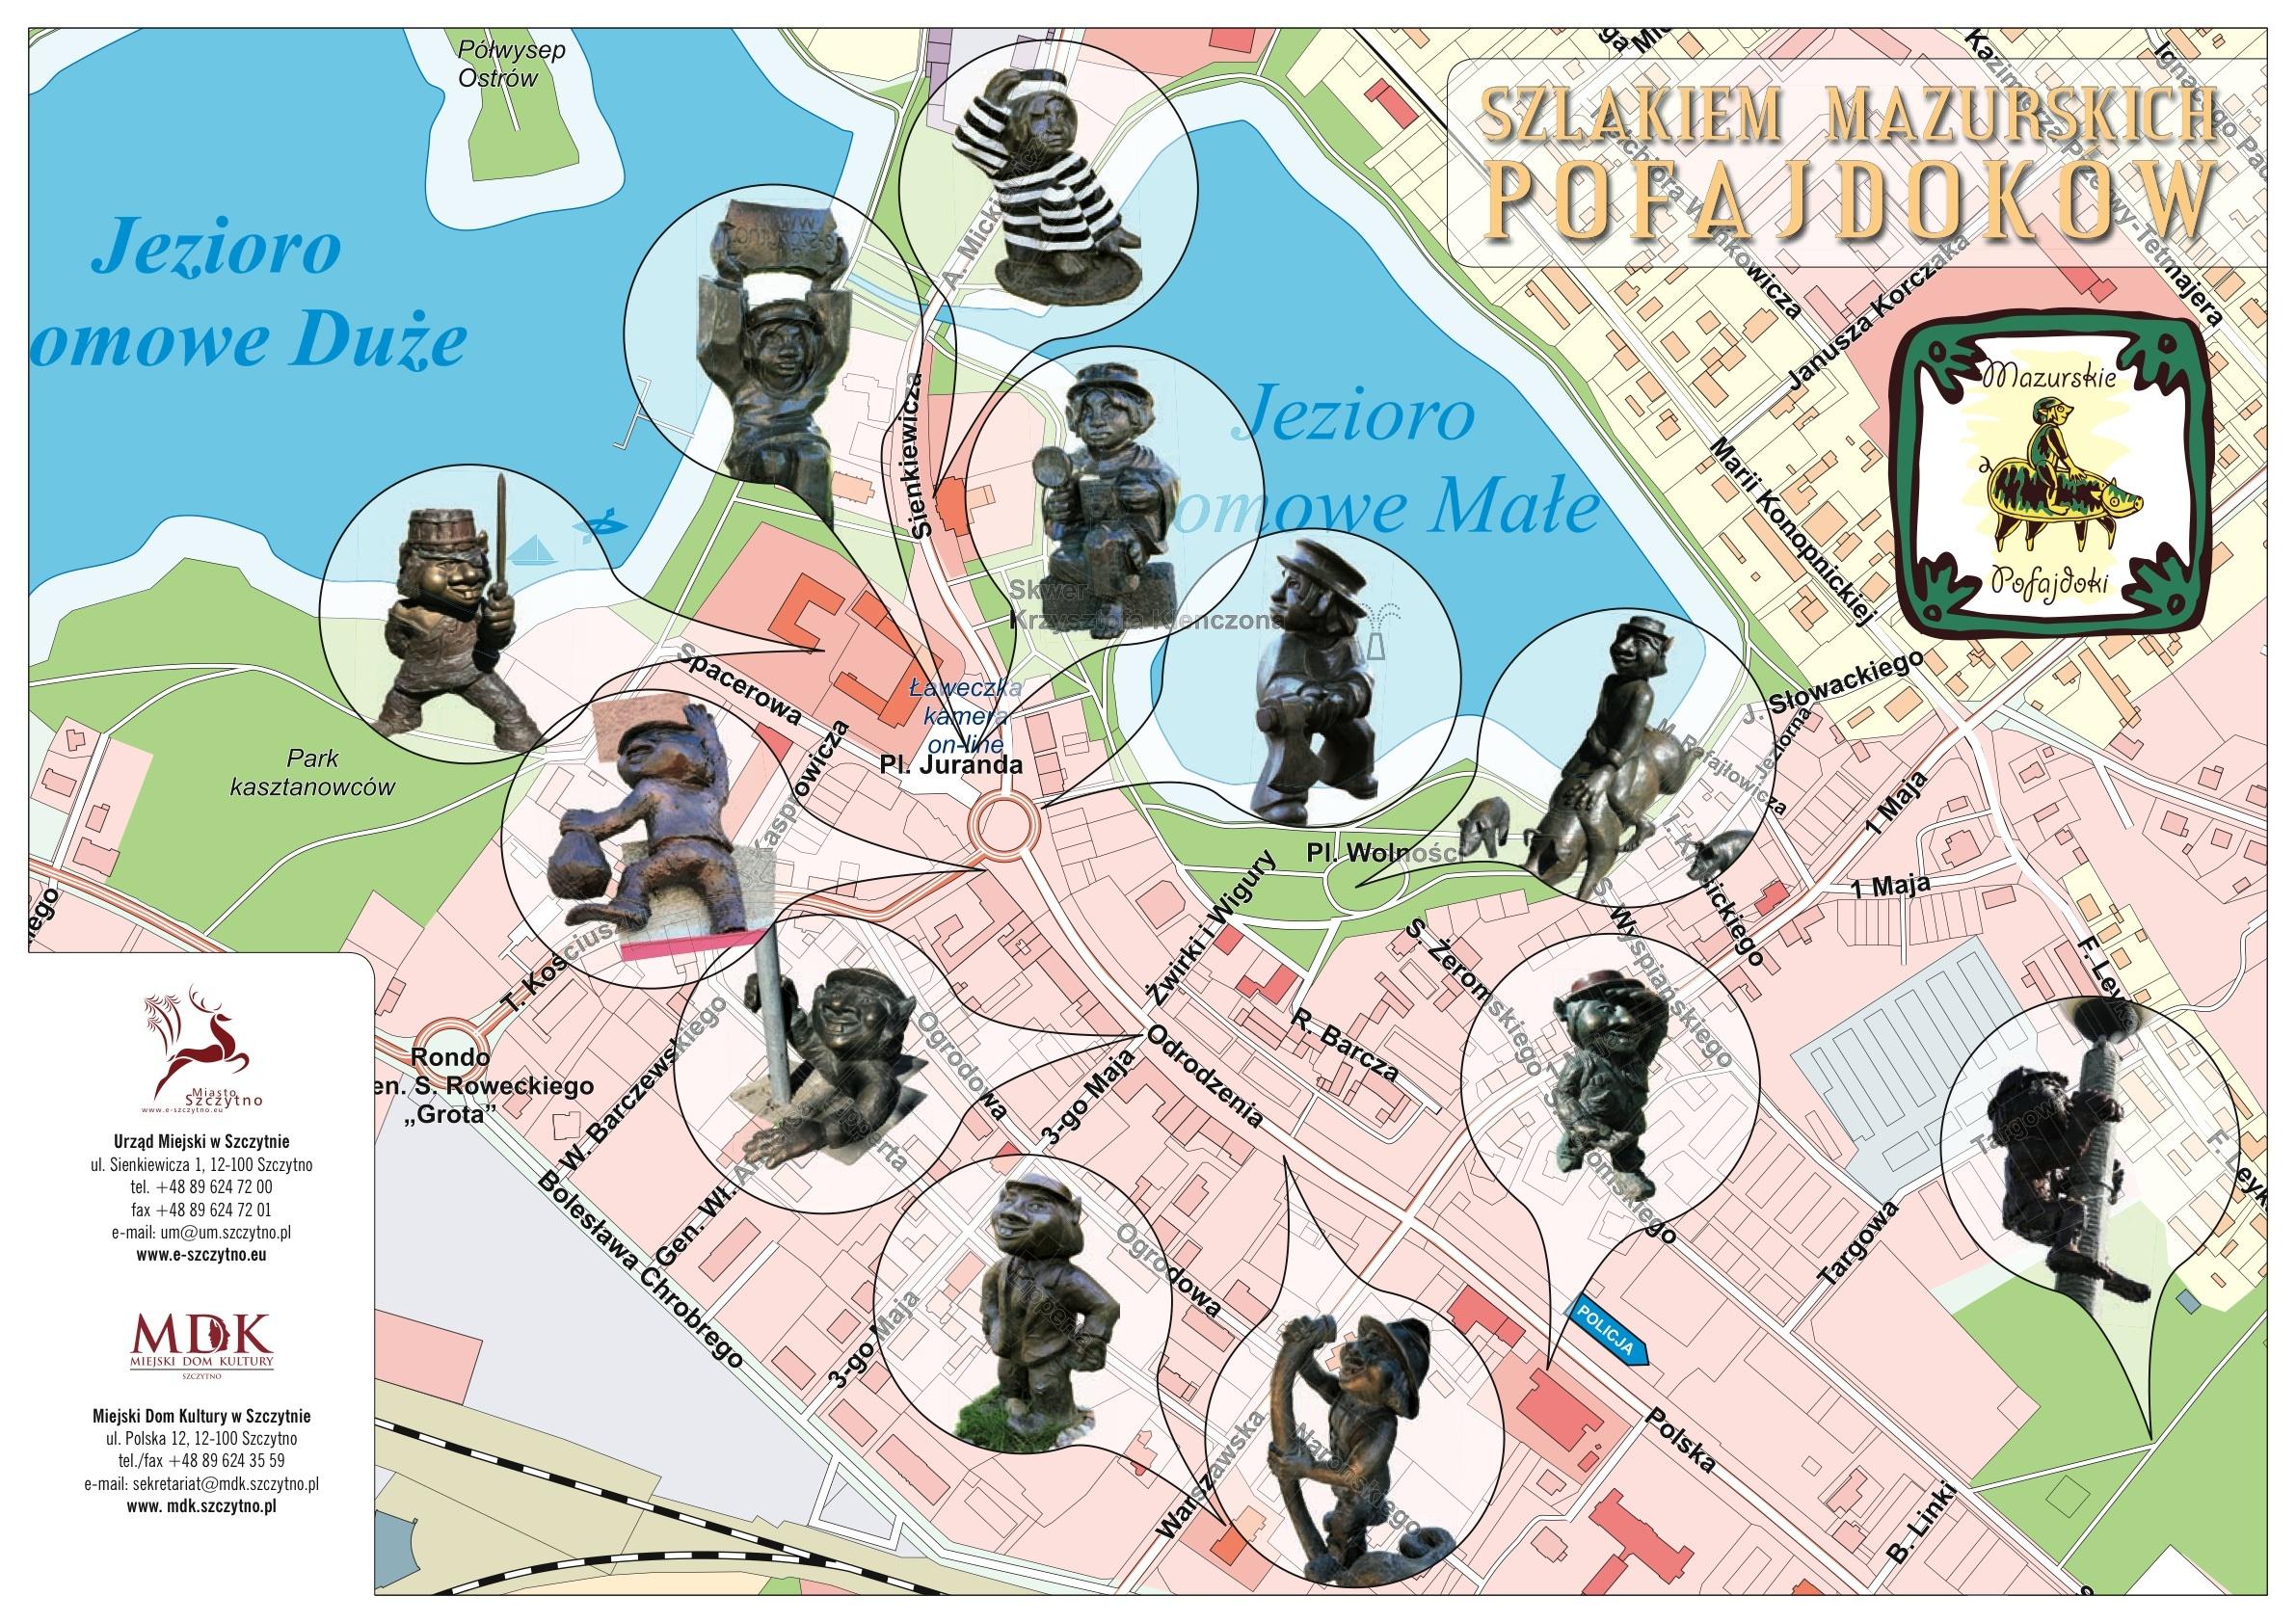 https://m.powiatszczycienski.pl/2016/08/orig/pofajdok-mapa-a3-11242-6662.jpg